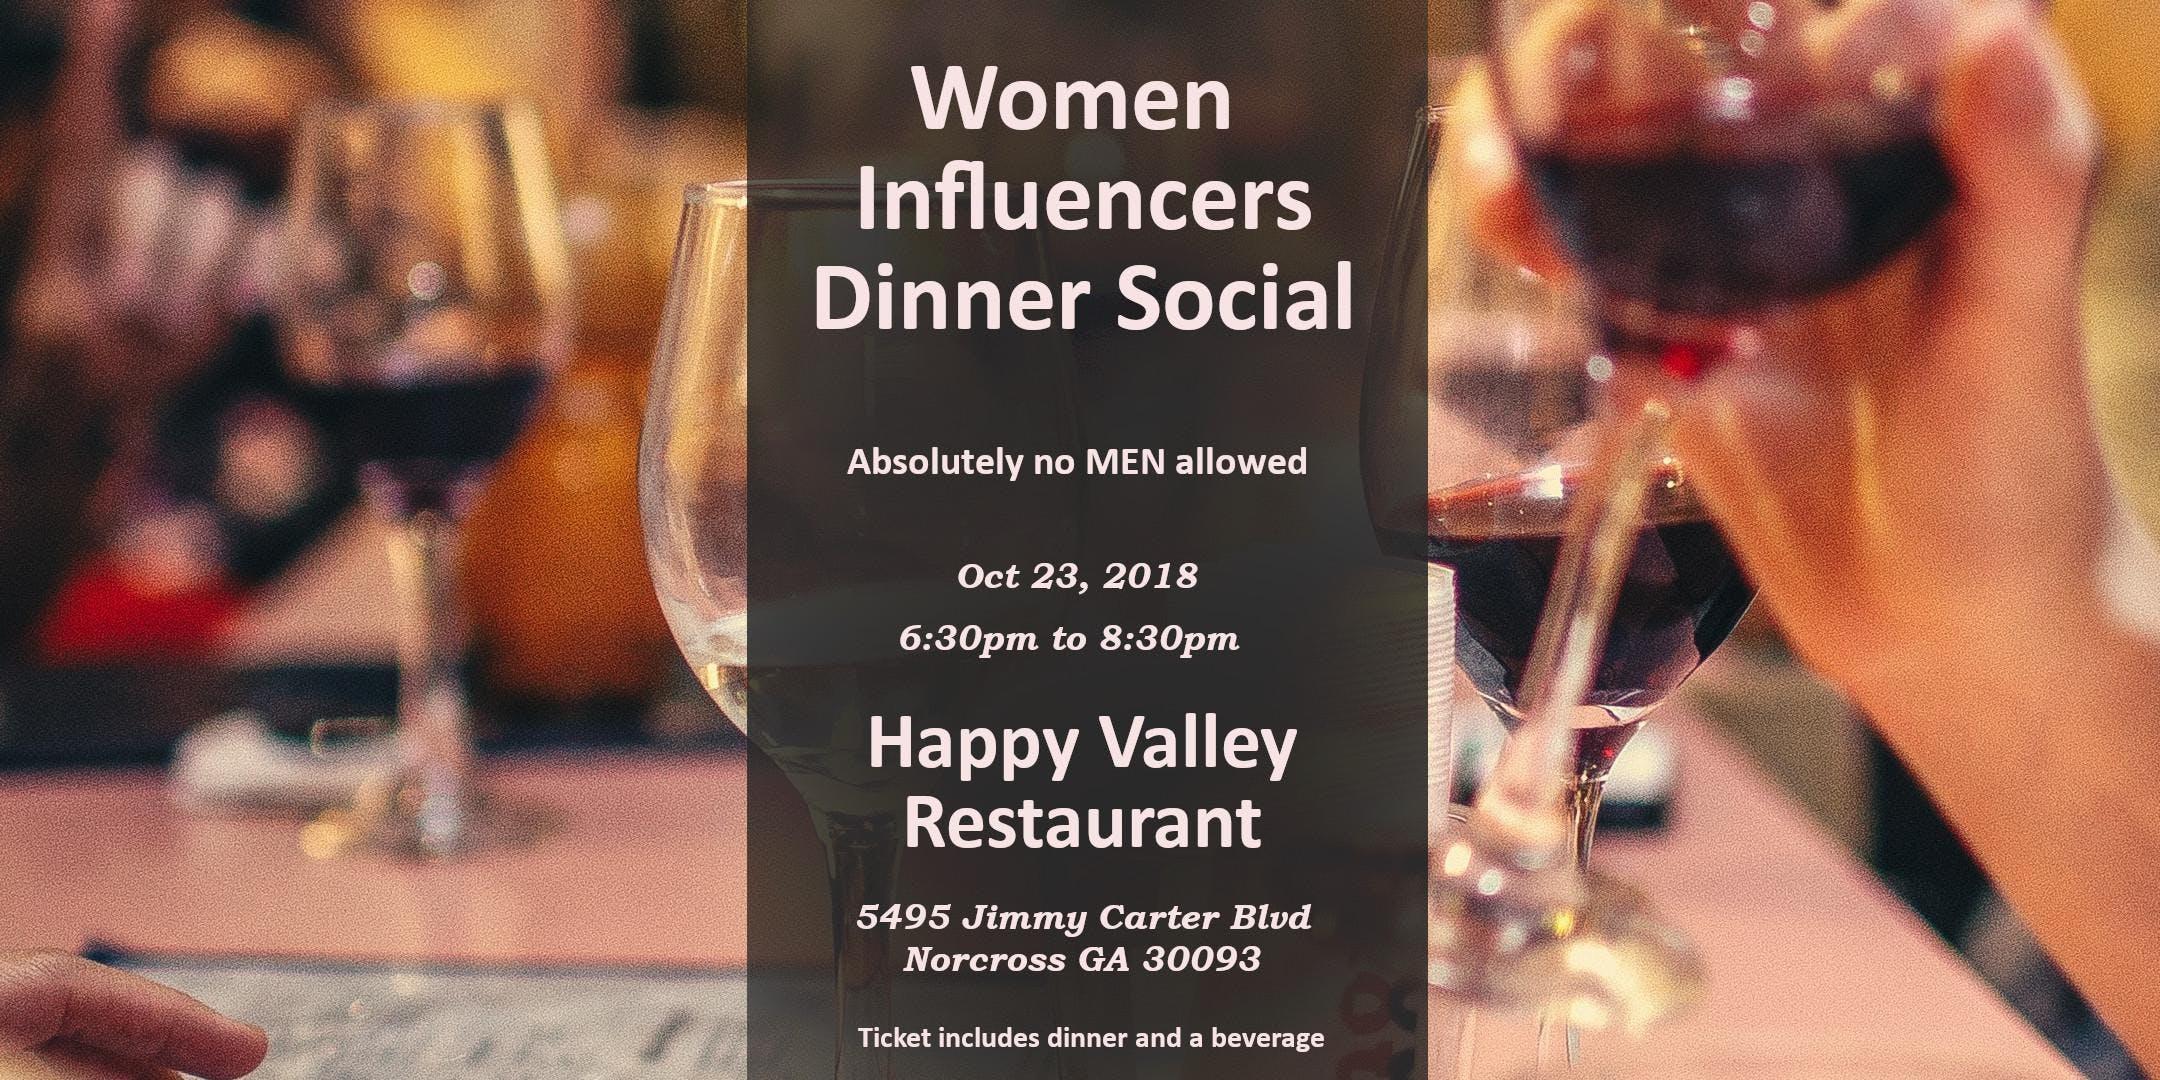 Women Influencers Dinner Social